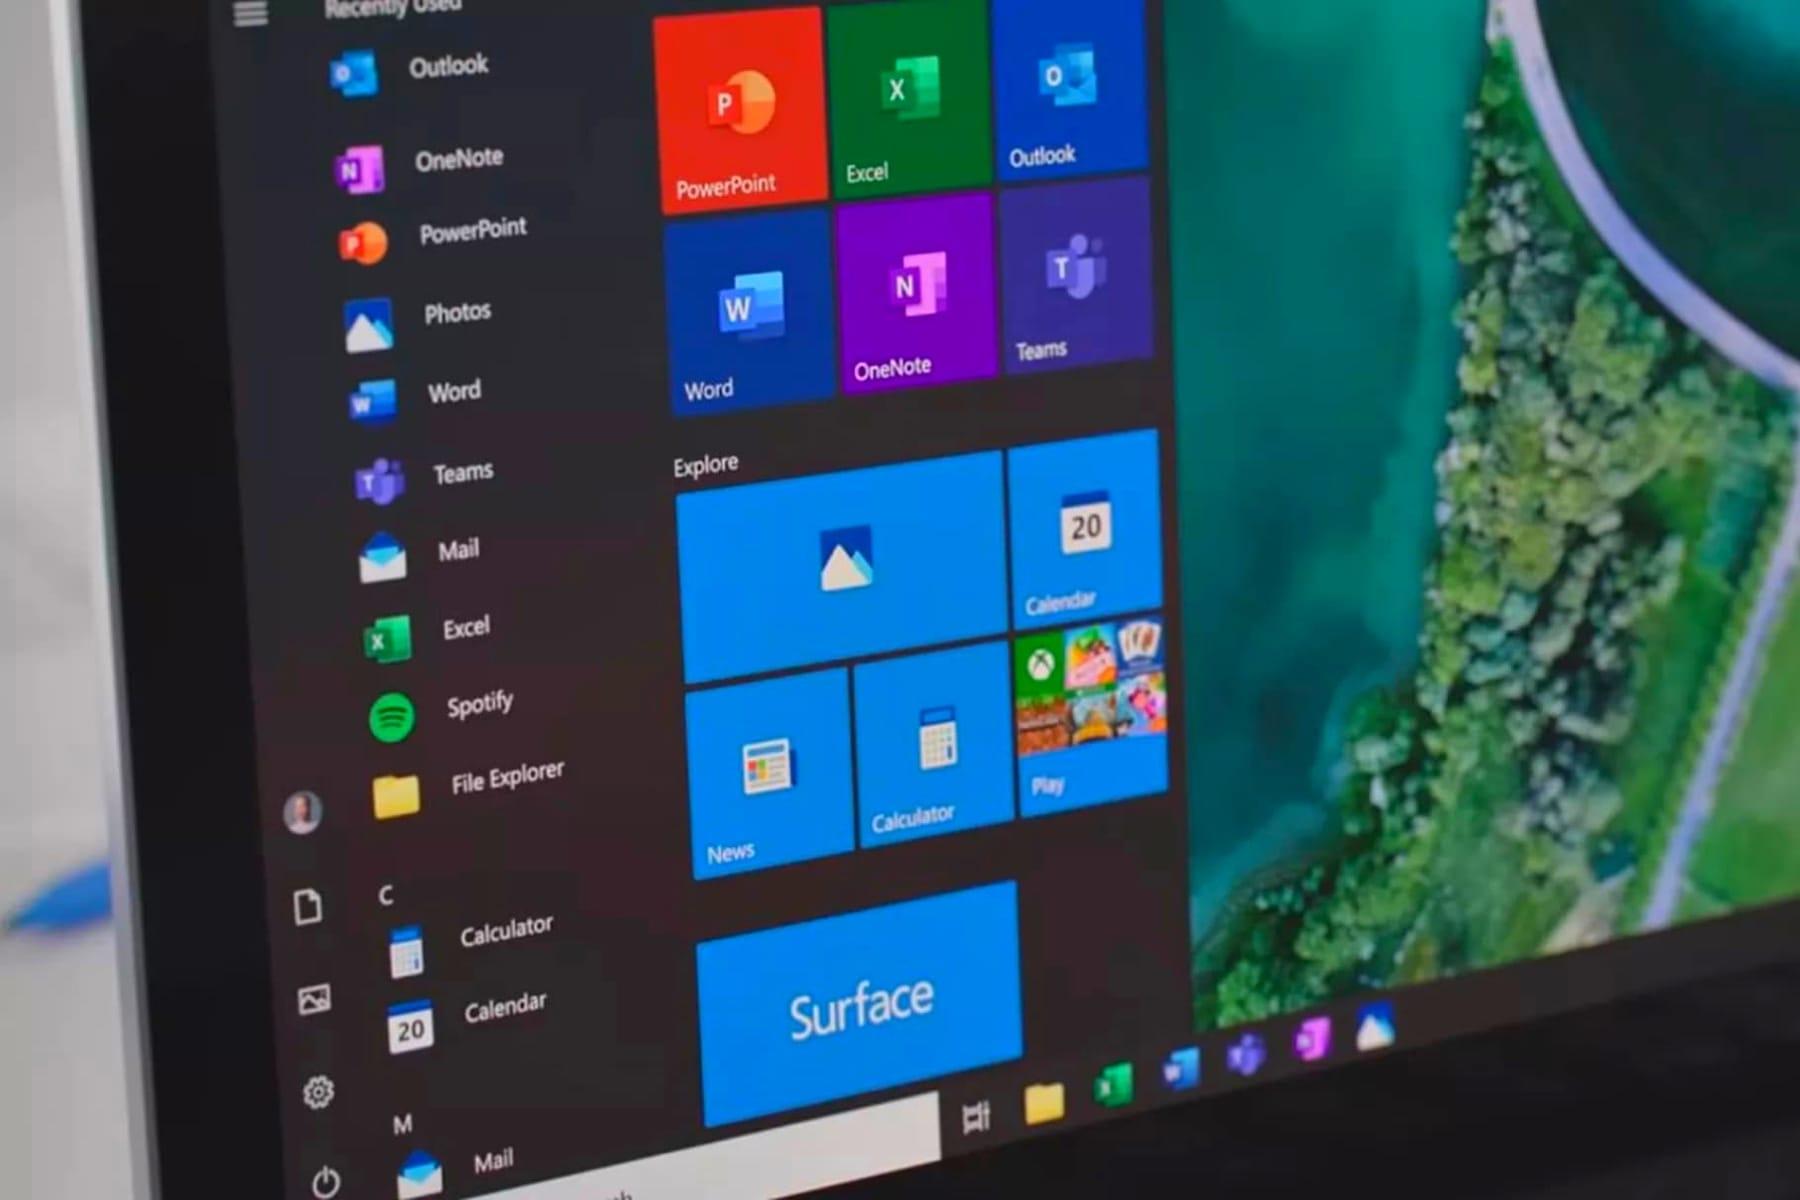 Windows 10 Получила Абсолютно Новый Дизайн И Интерфейс, От within Calendar Gadget Windows 10